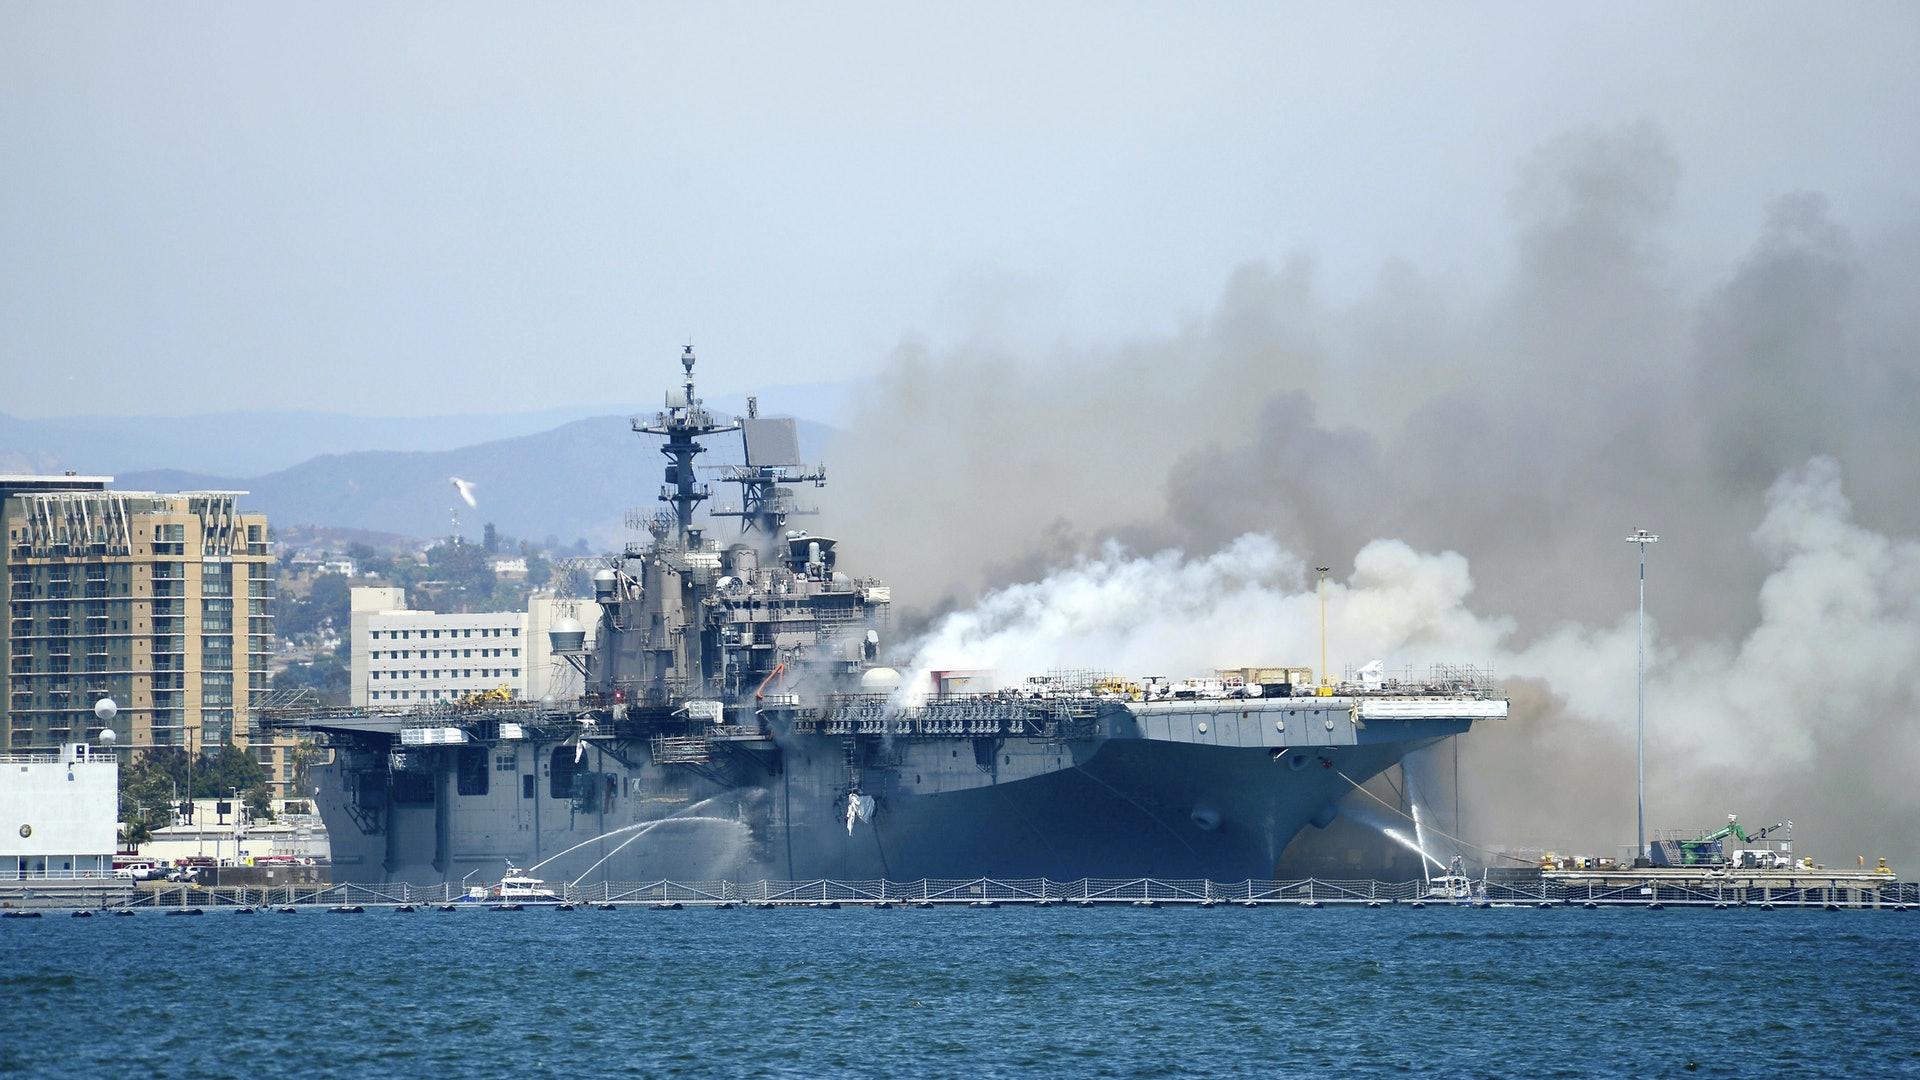 东风-21D虽未必可以炸沉美军航母,为何说能将其炸成废铁?